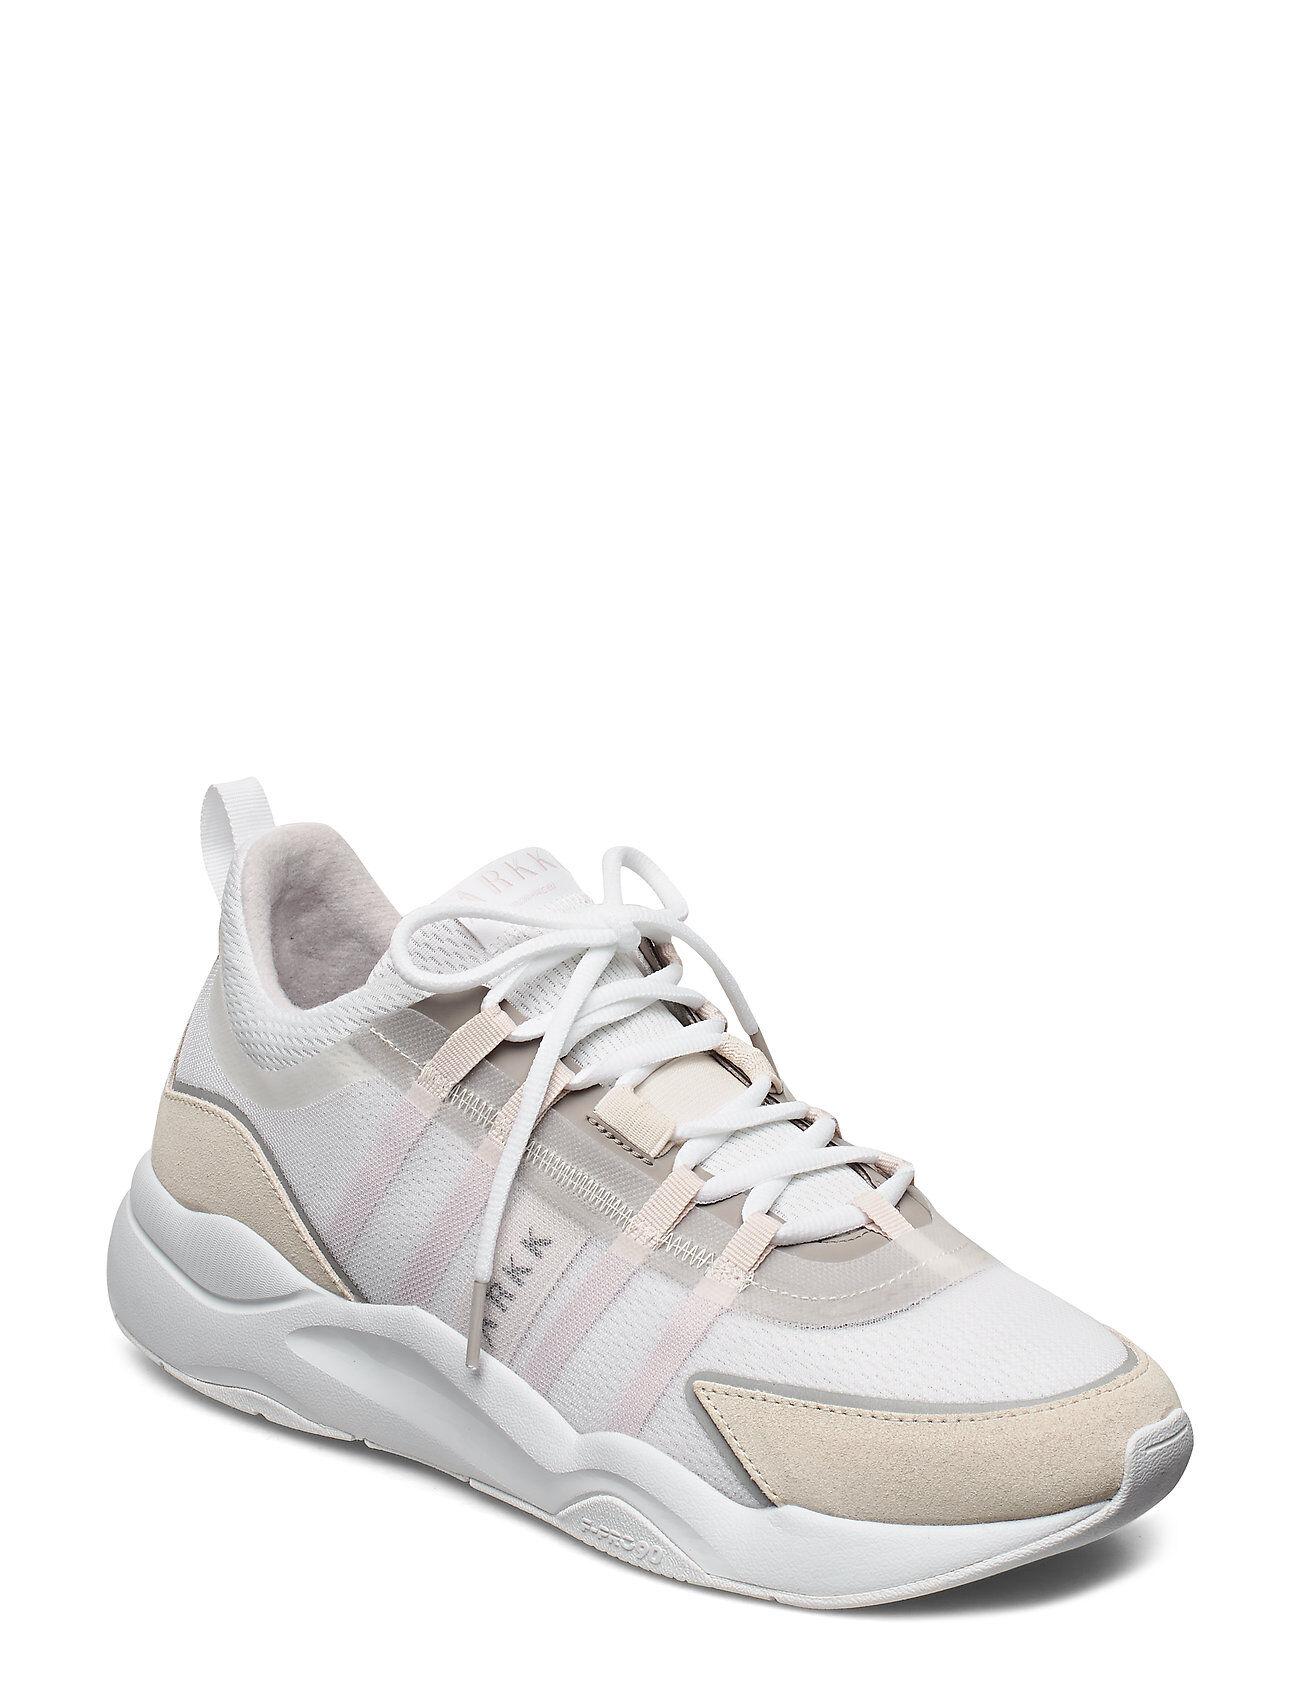 ARKK Copenhagen Lyron Mesh F-Pro90 White Satellite Matalavartiset Sneakerit Tennarit Valkoinen ARKK Copenhagen